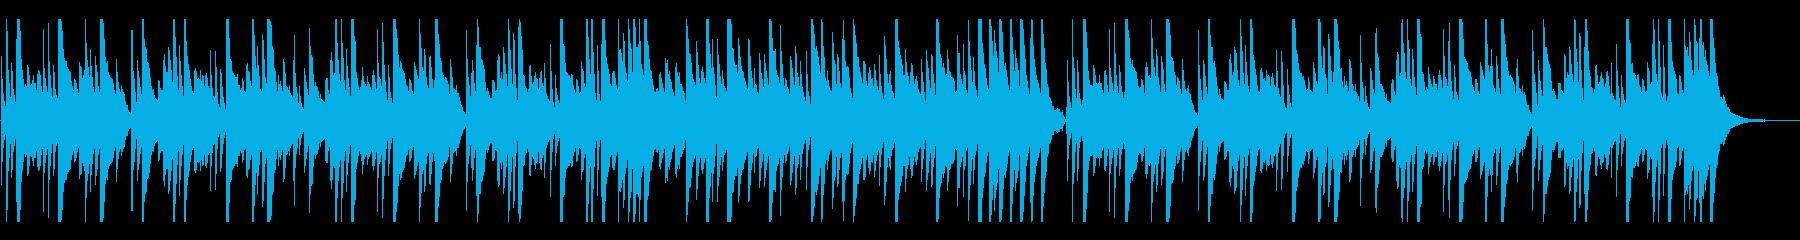 しんみりと優しく切ないピアノバラードの再生済みの波形